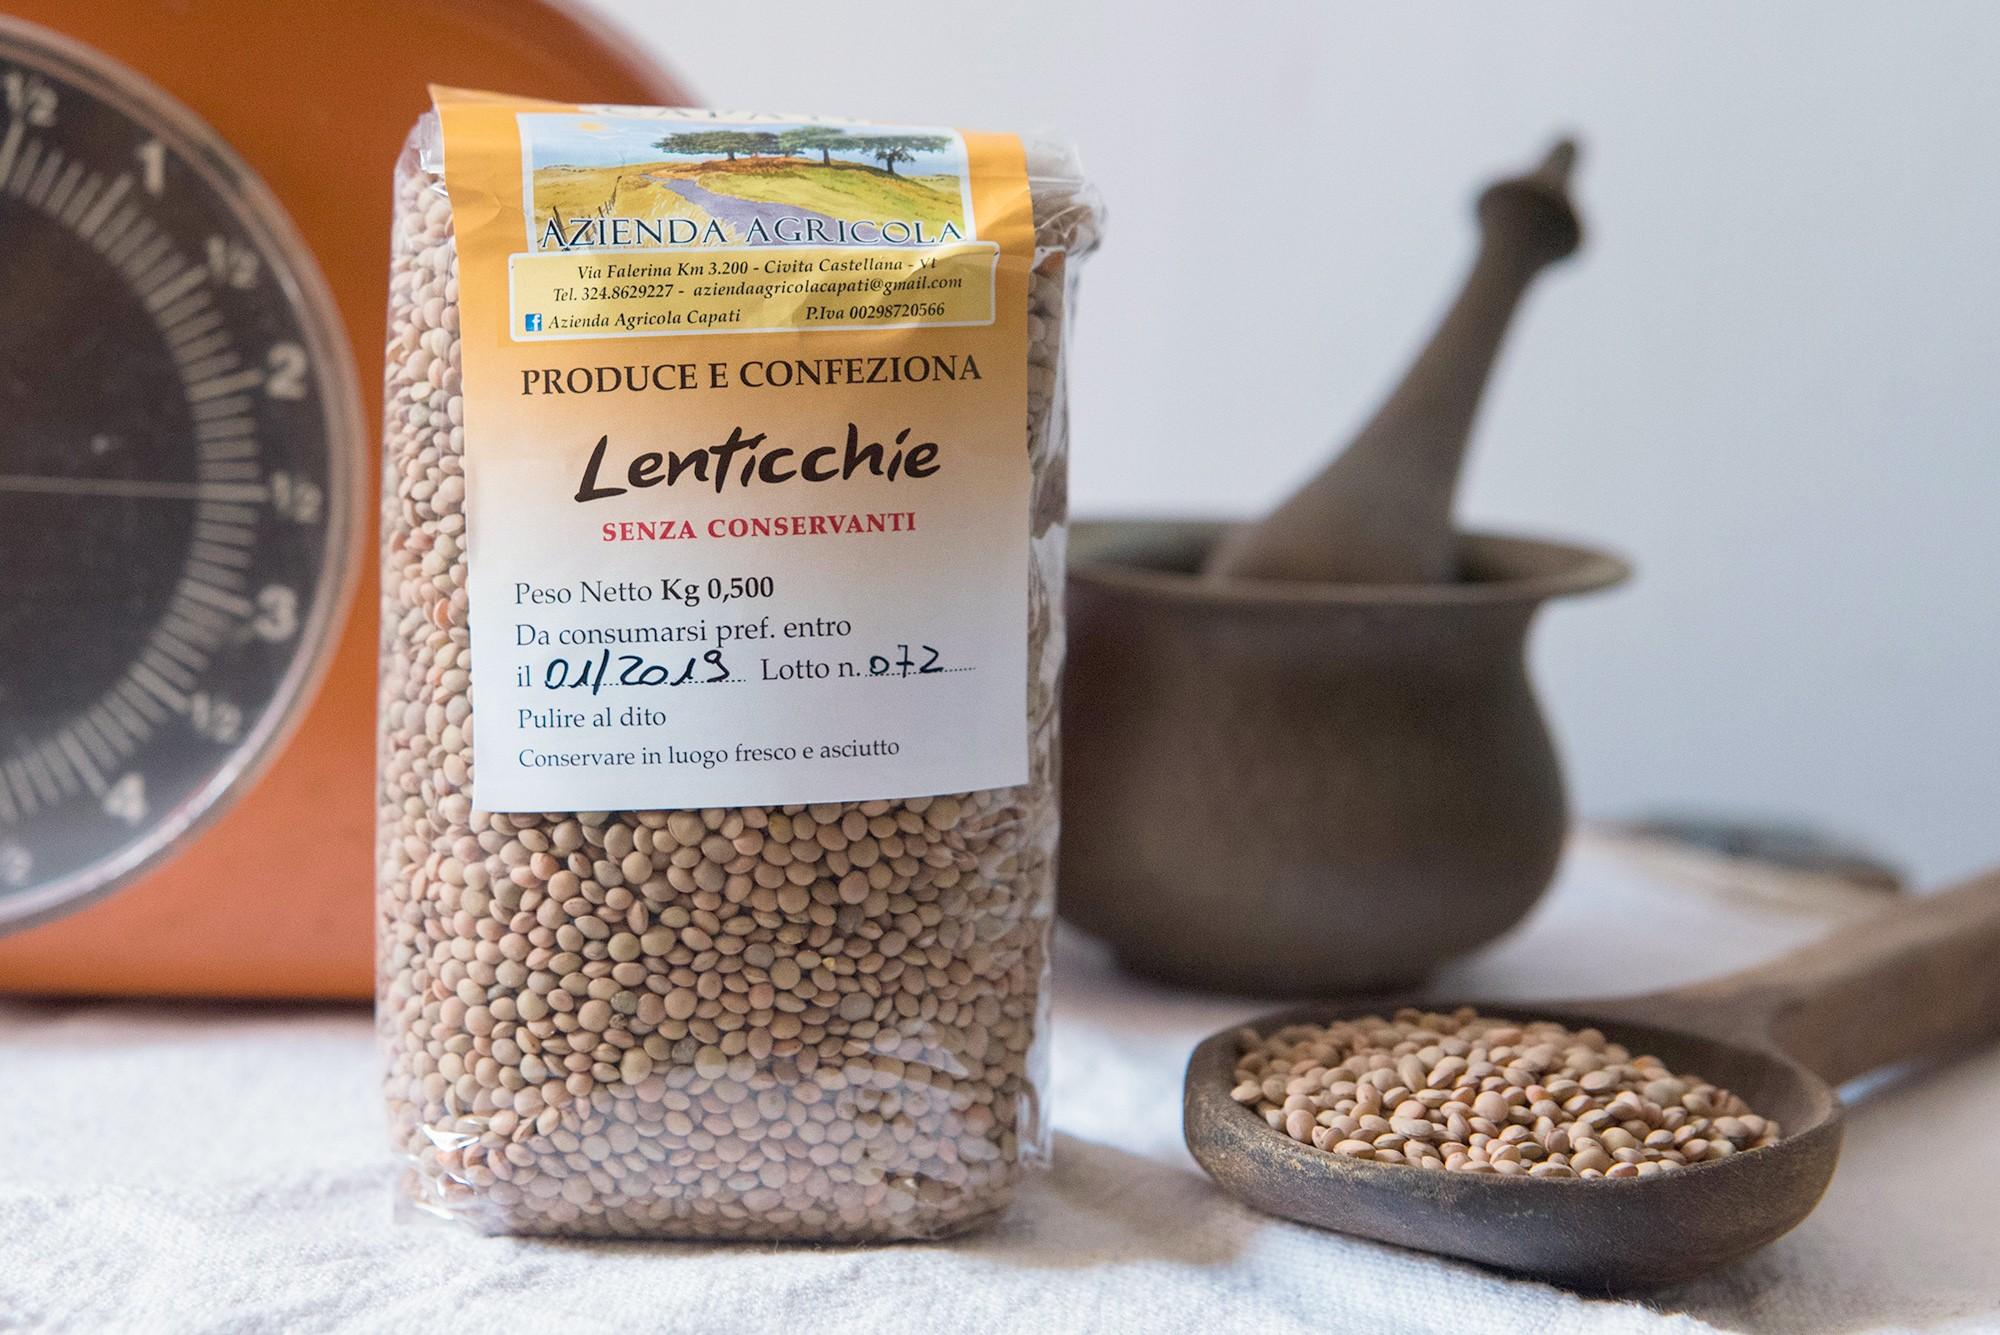 Lenticchie - 500gr - Azienda Agricola Capati